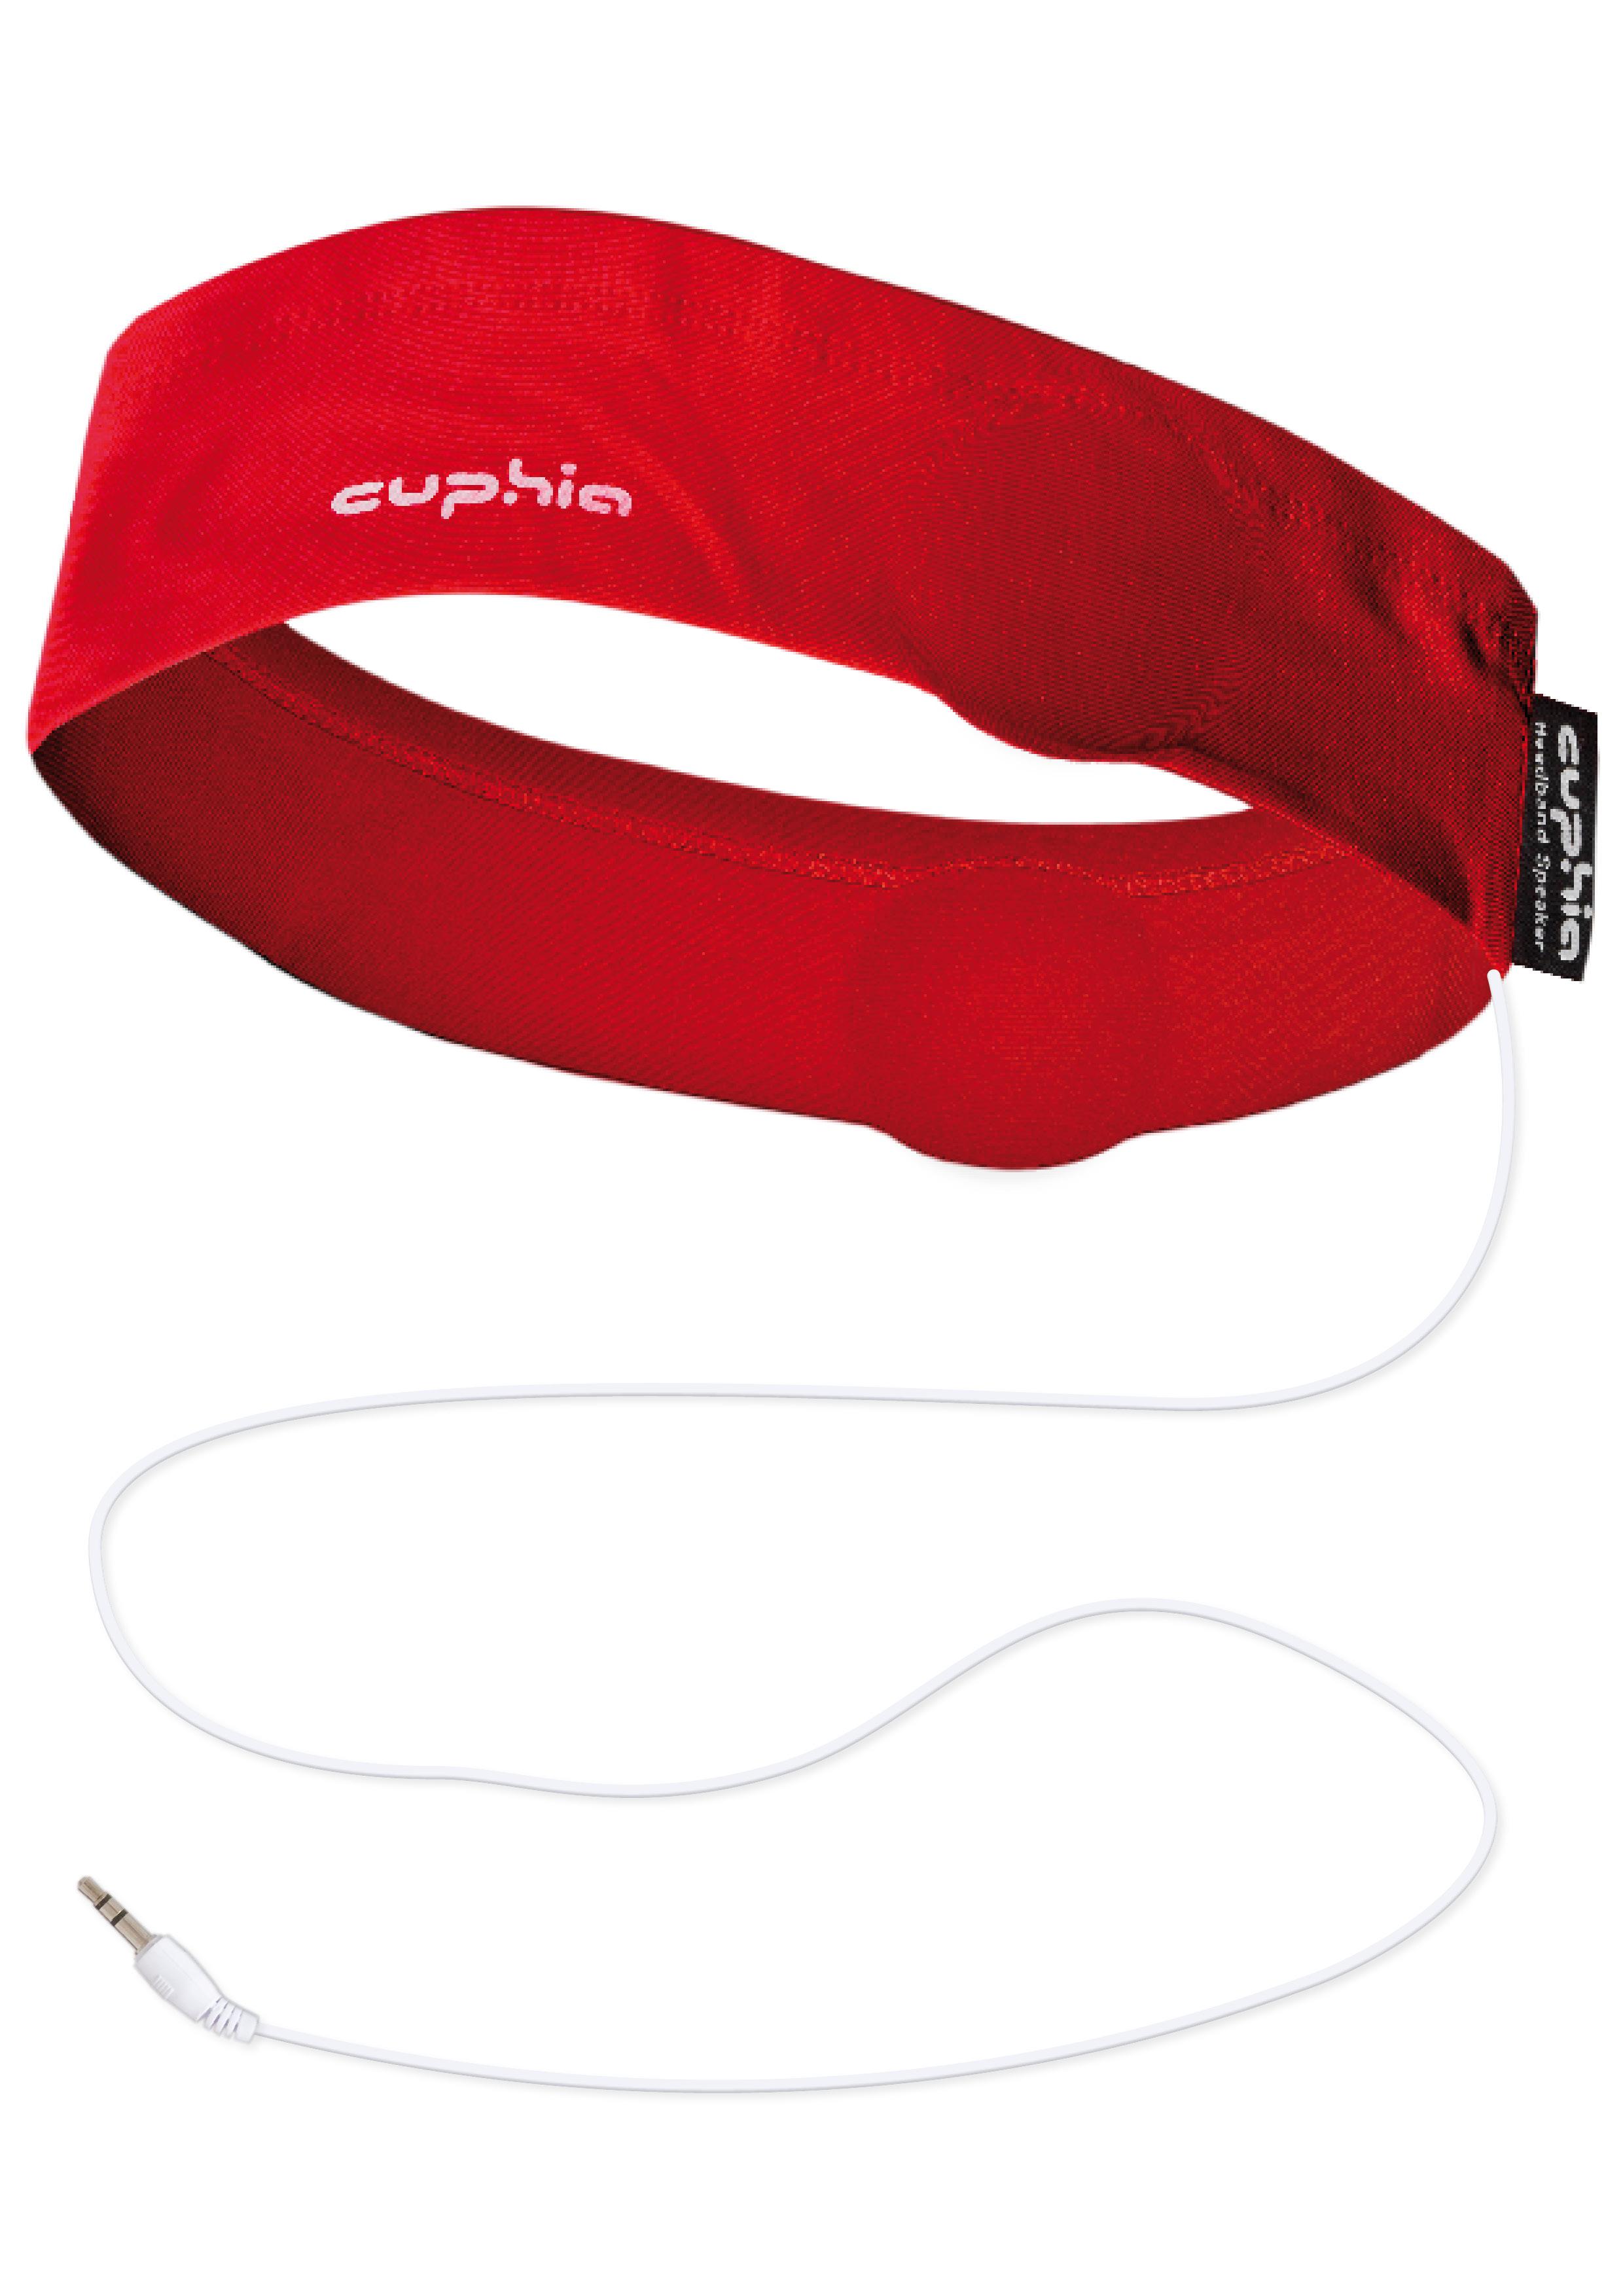 Cuphia Sport, ¡haz deporte con tu música!